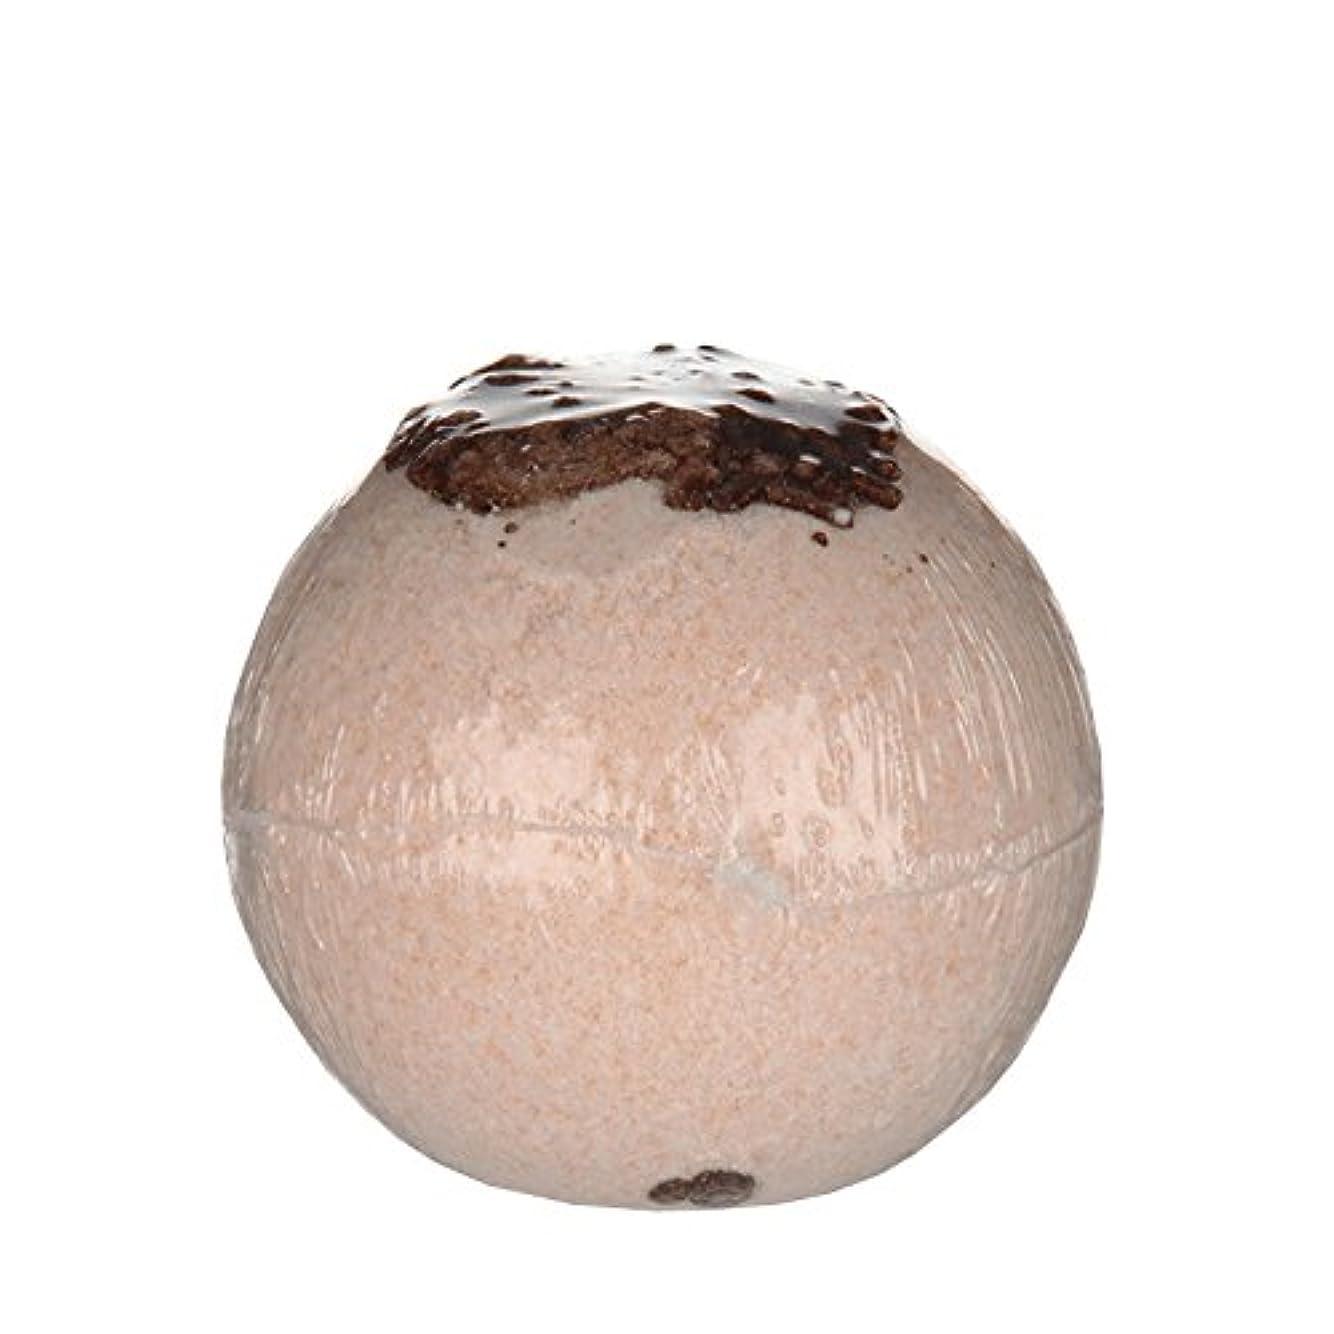 渇きボルトカラスTreets Bath Ball Coconut Chocolate 170g (Pack of 2) - Treetsバスボールココナッツチョコレート170グラム (x2) [並行輸入品]